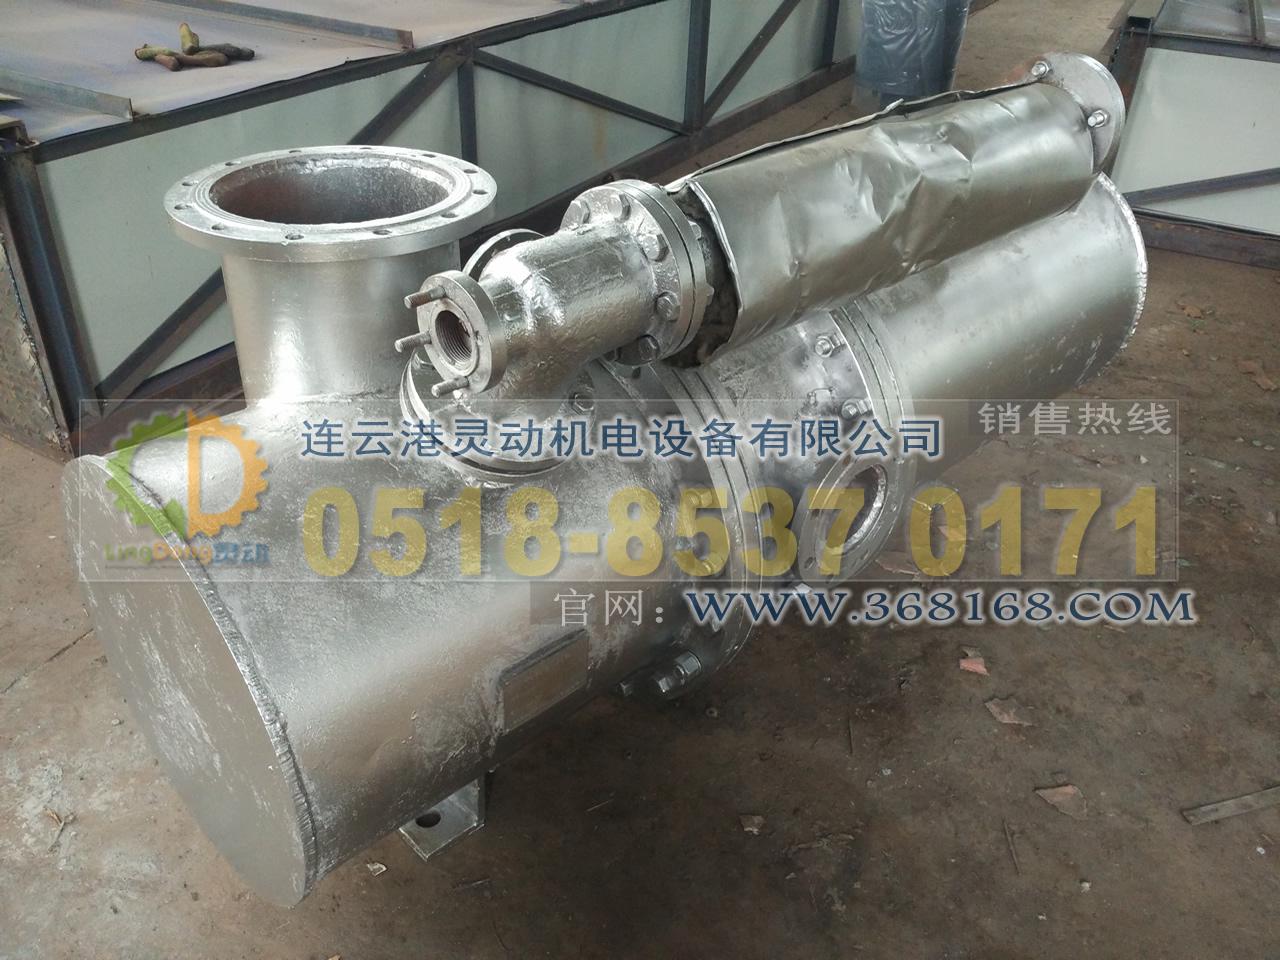 汽封冷却器换管轴封加热器换管厂家